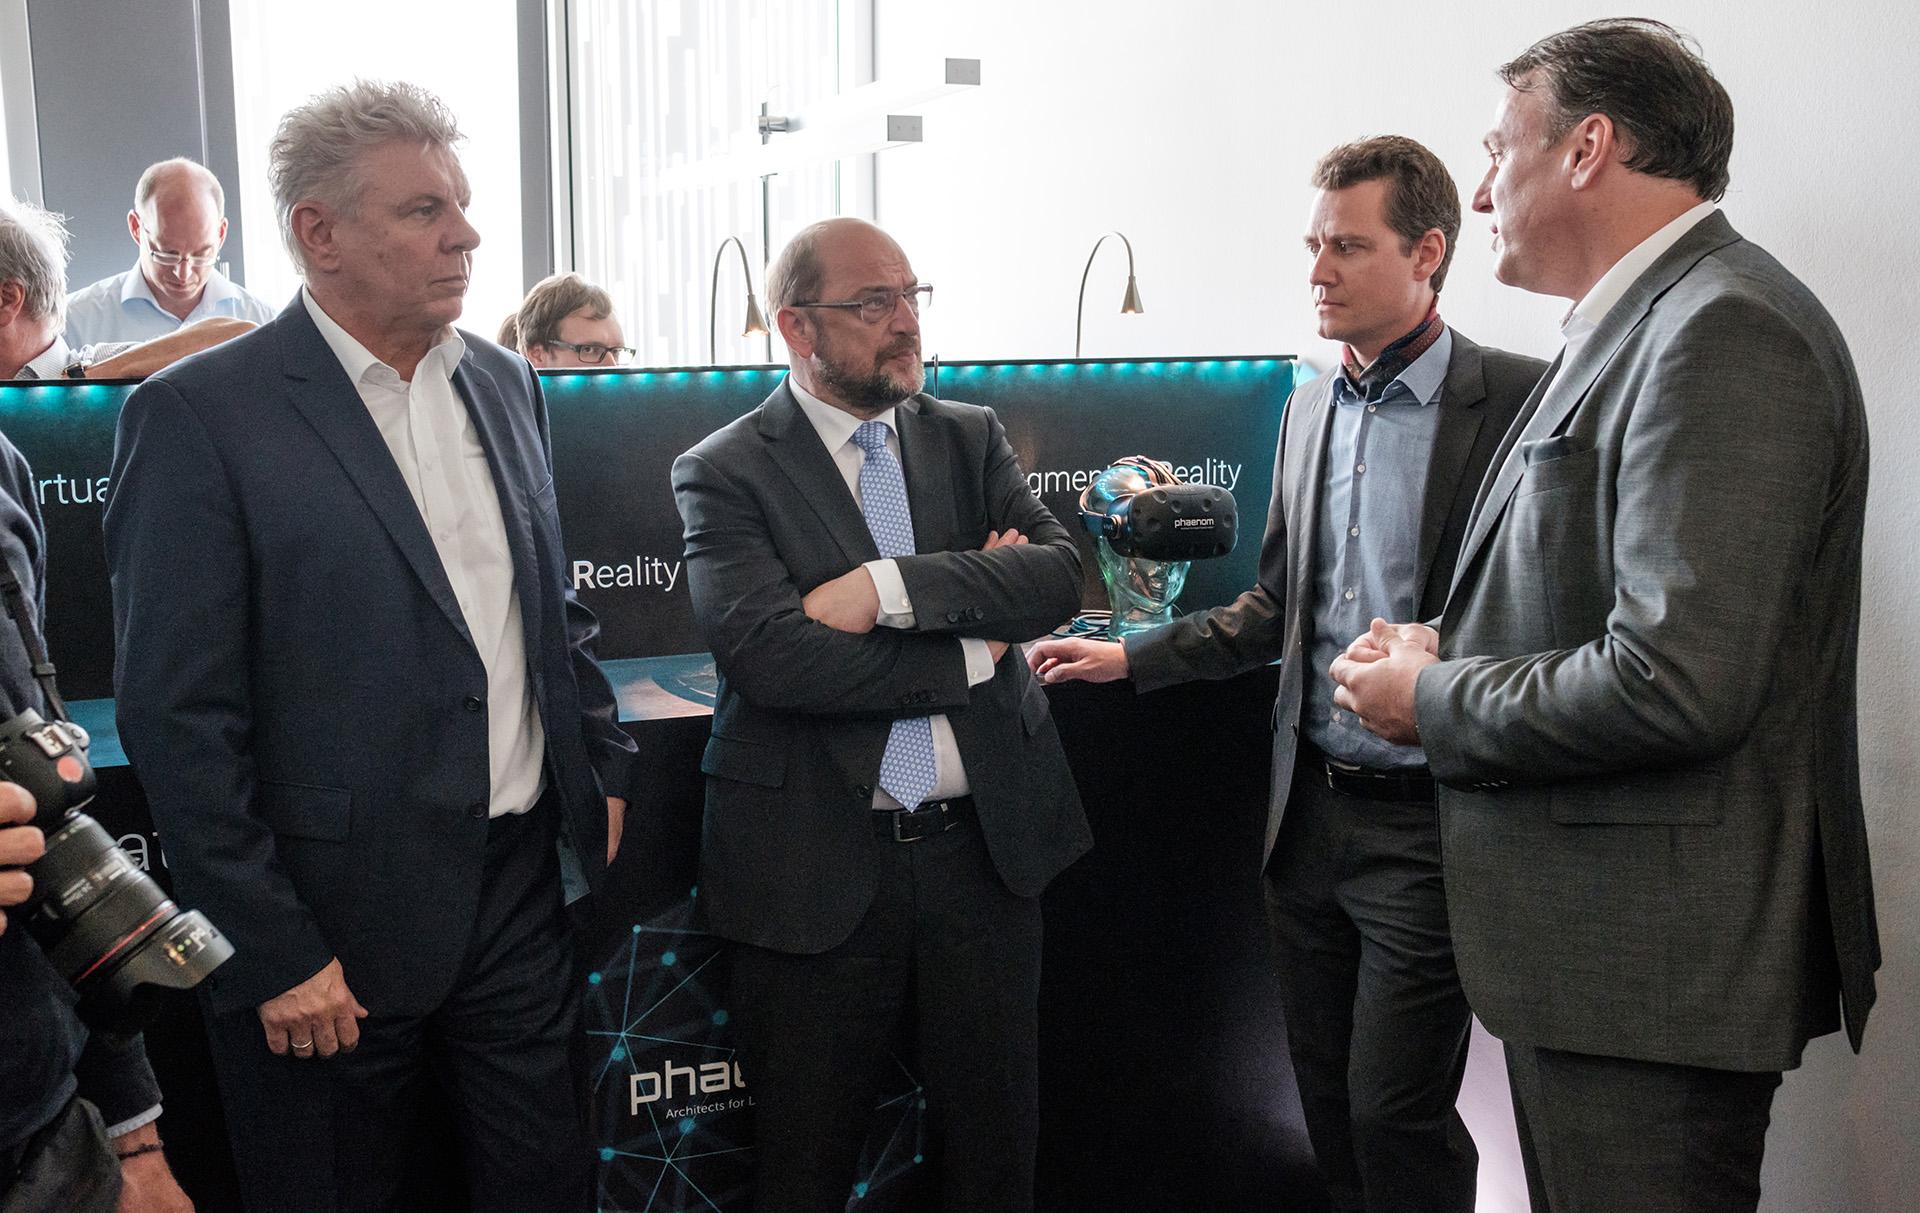 SPD-Kanzlerkandidat Martin Schulz bei Phaenom GmbH